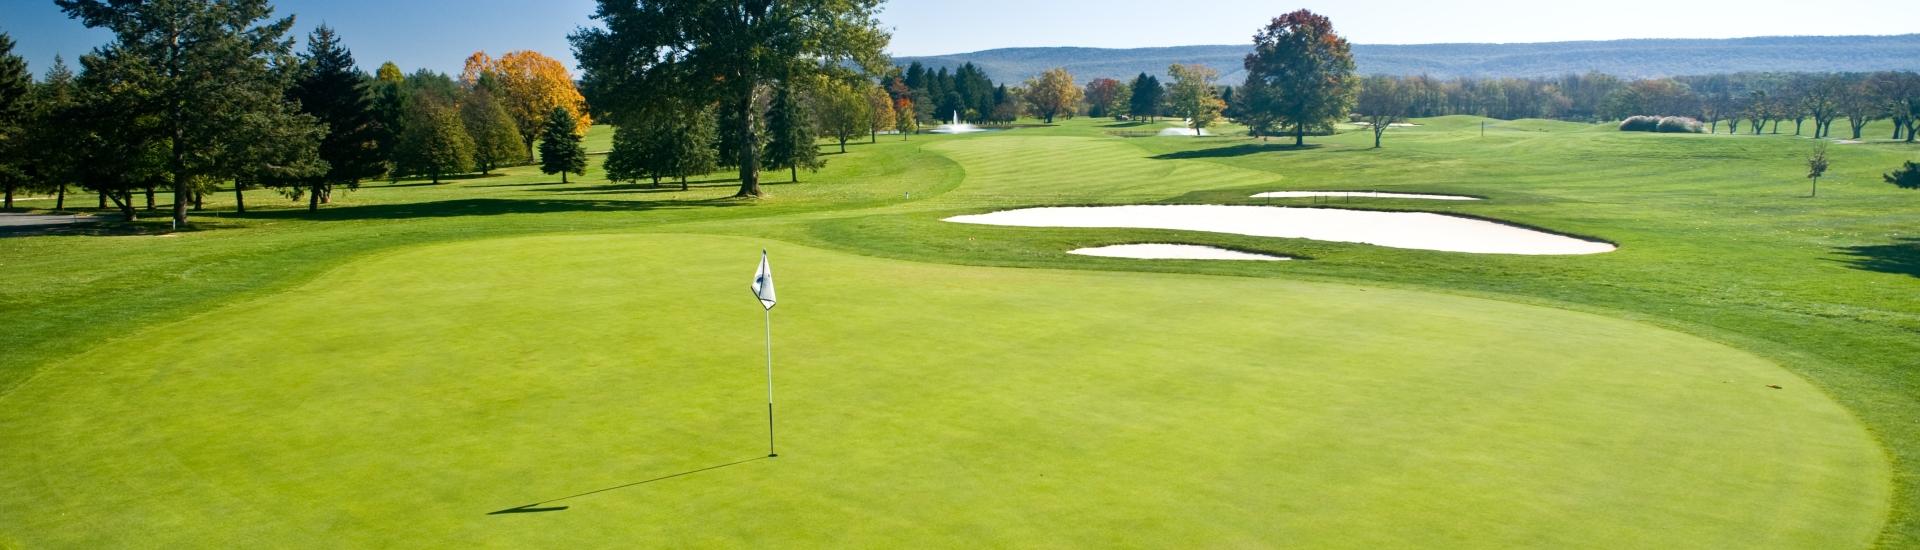 PSU Golf Course